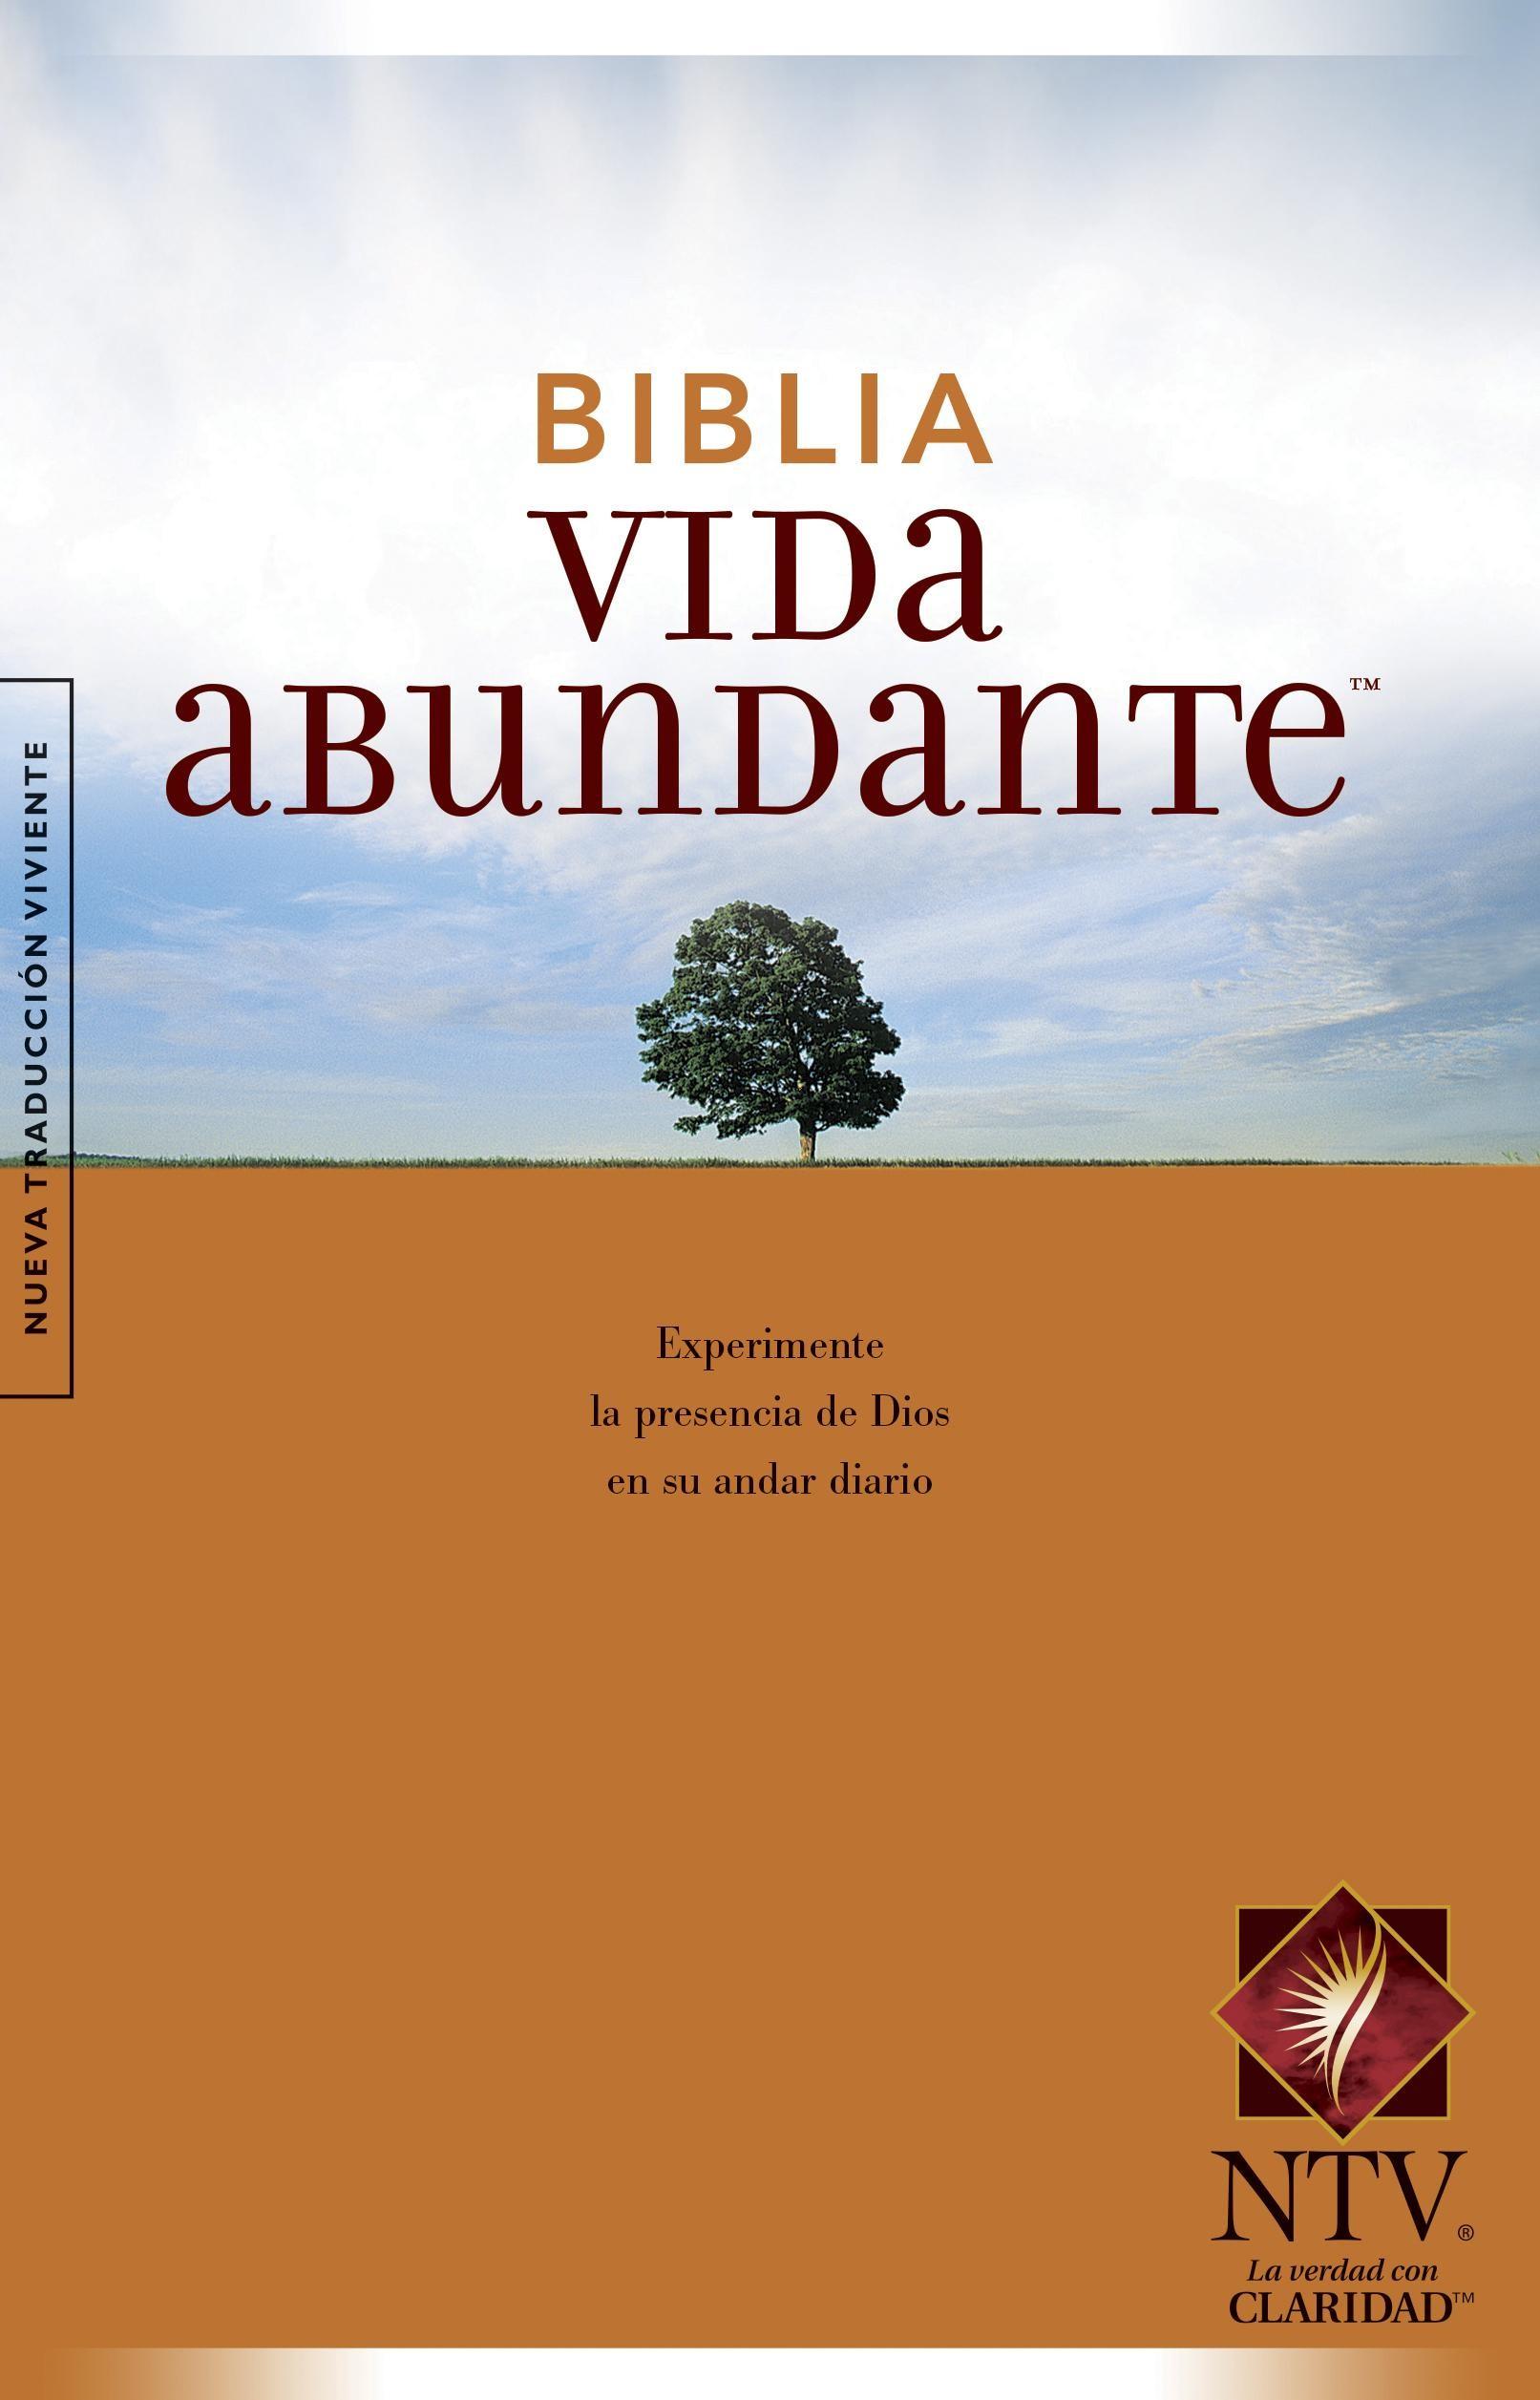 Biblia Vida abundante NTV (Tapa rústica)